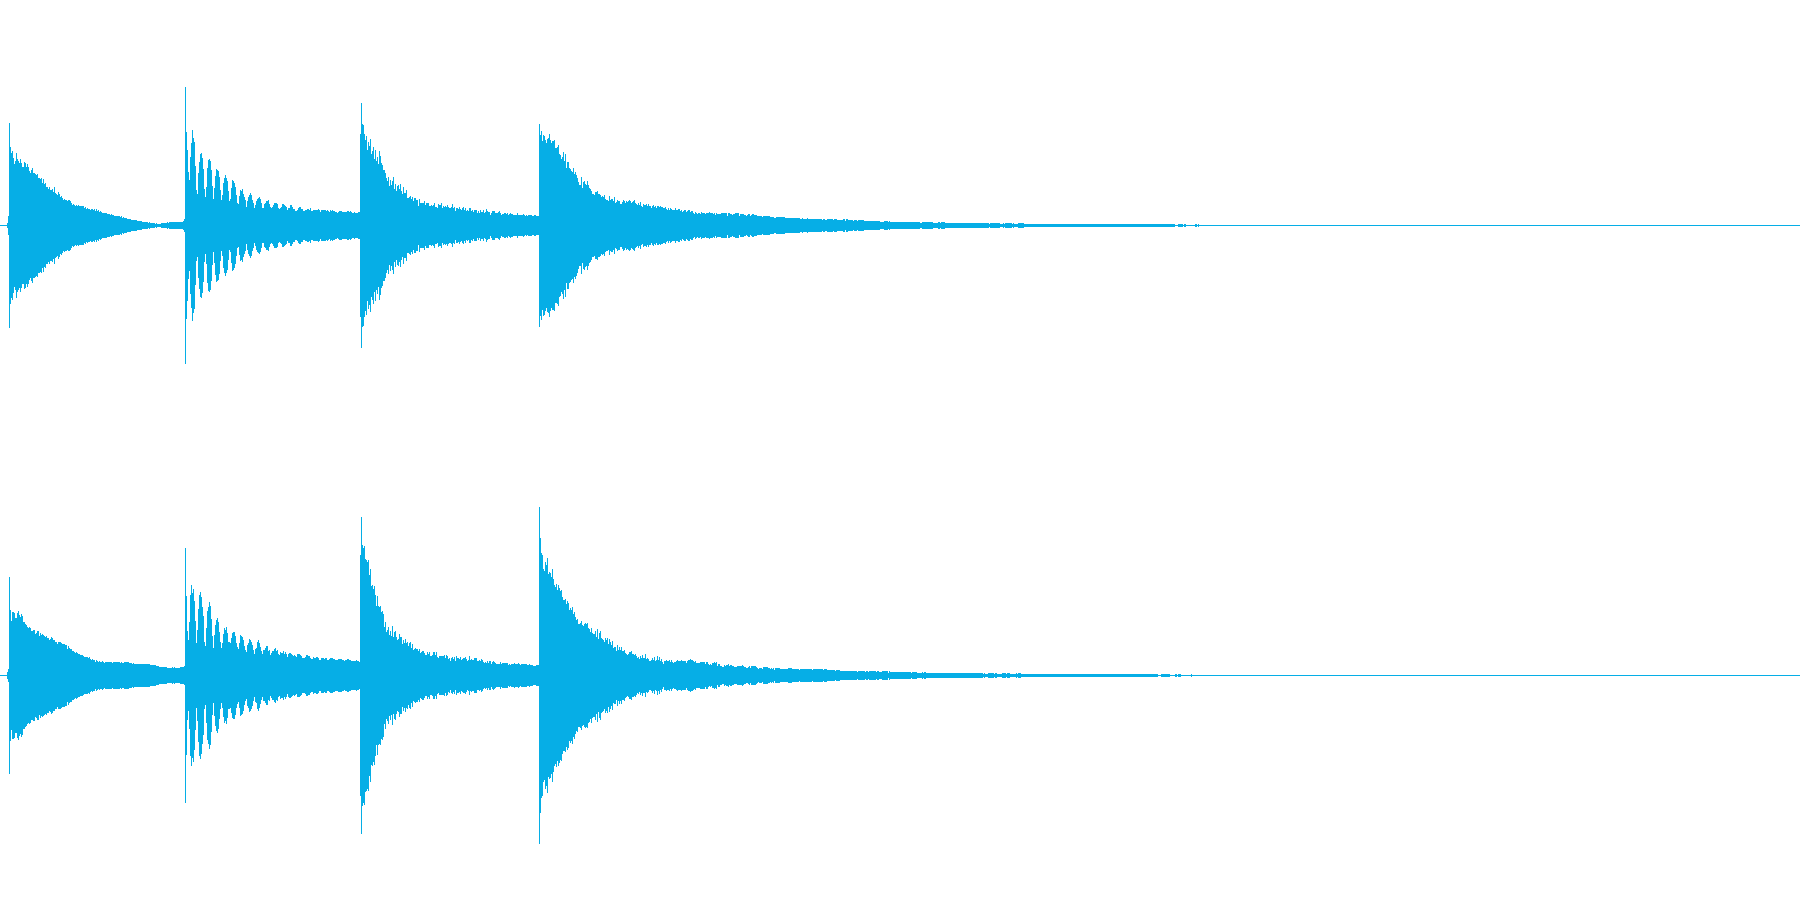 【チャイム アナウンス01-down1】の再生済みの波形